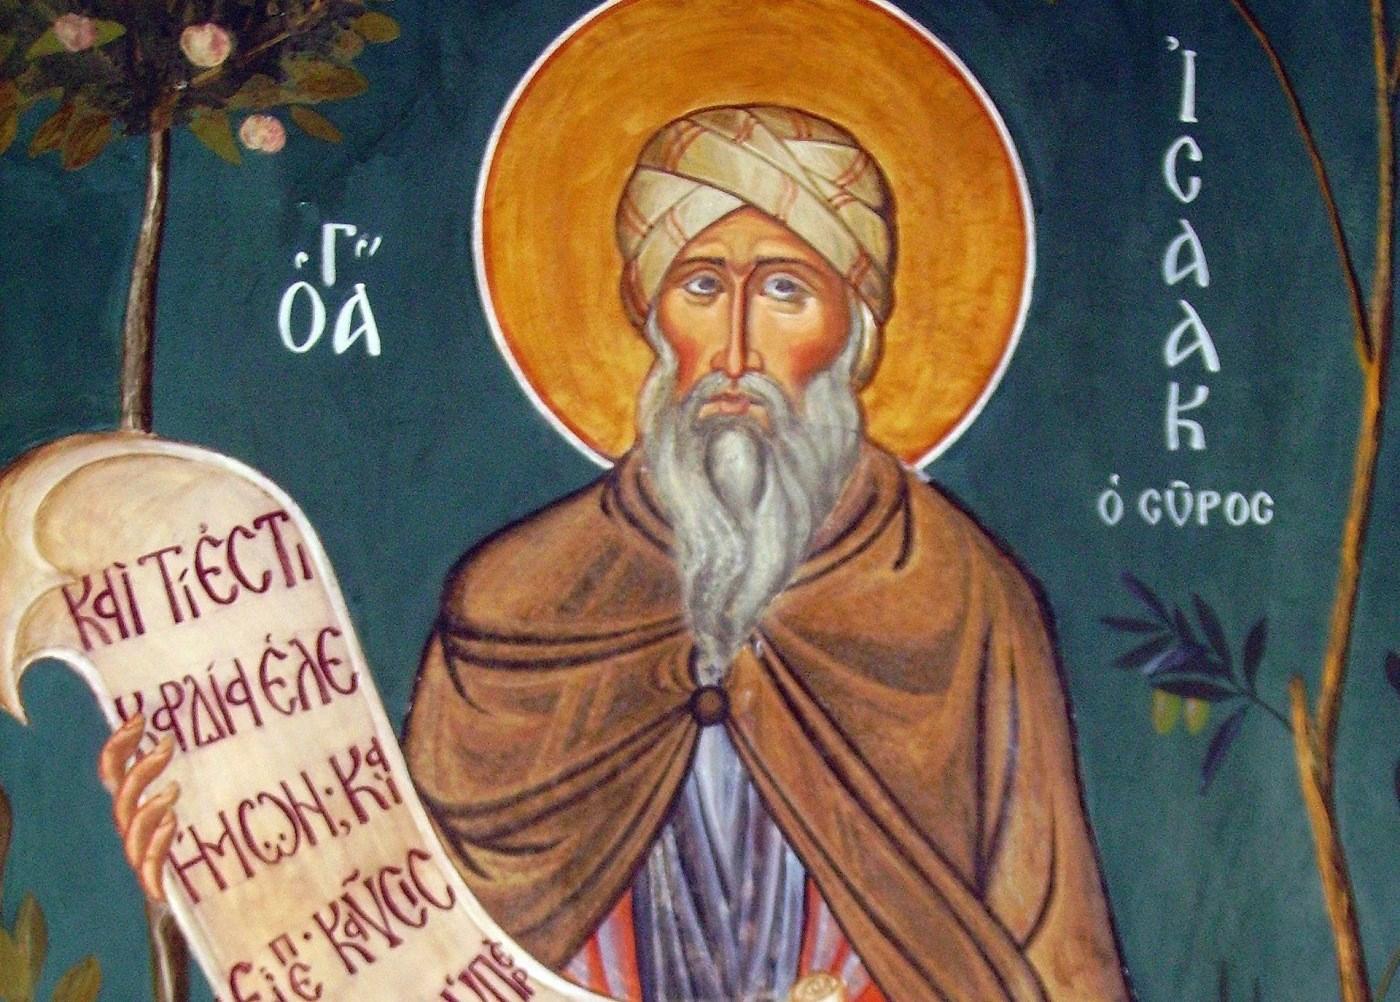 Τι γιορτάζουμε σήμερα 28 Σεπτεμβρίου: Όσιος Ισαάκ ο Σύρος - ΕΚΚΛΗΣΙΑ ONLINE